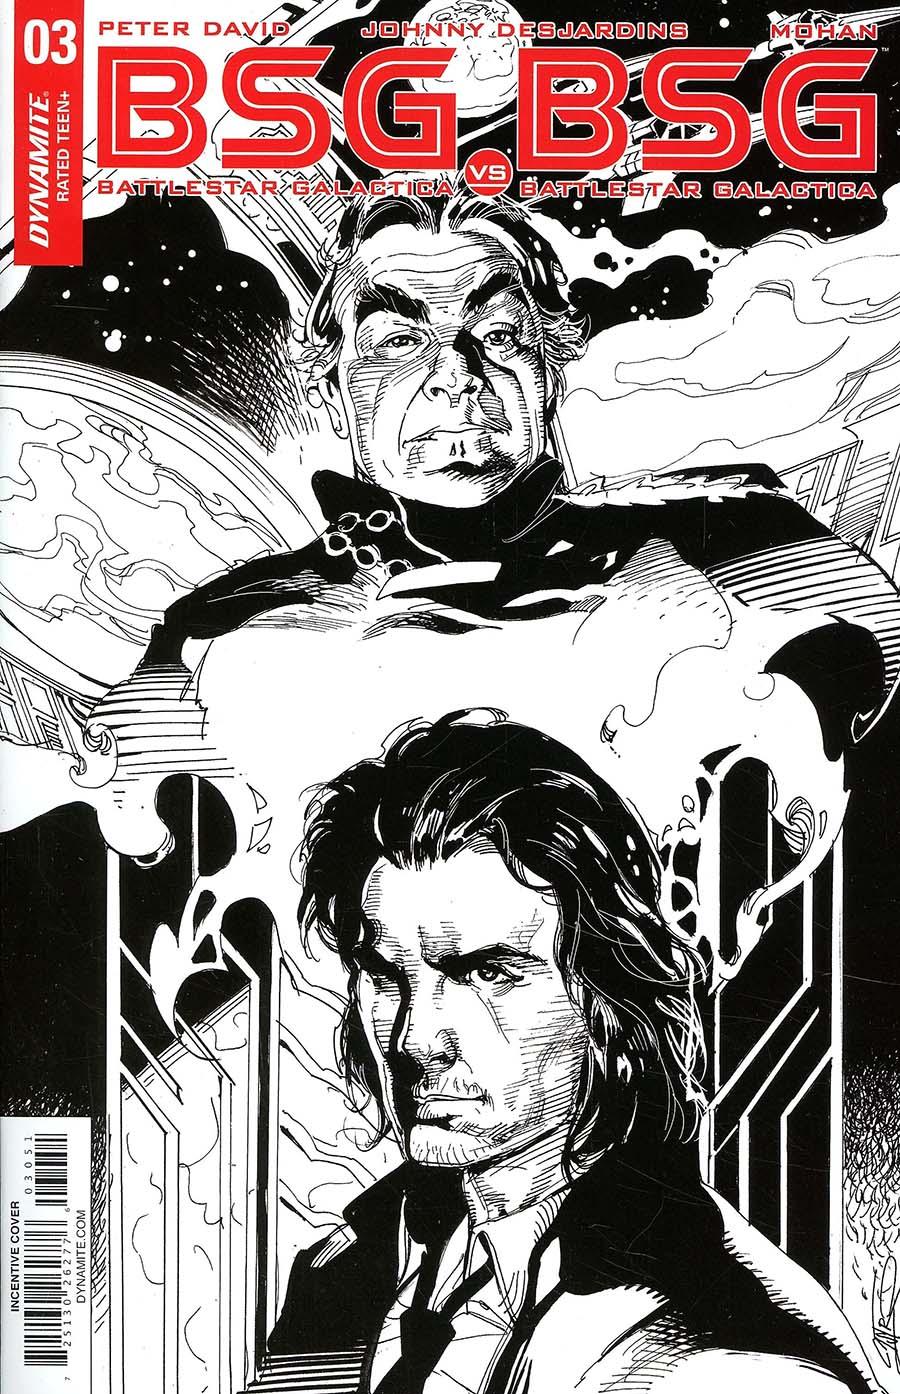 Battlestar Galactica vs Battlestar Galactica #3 Cover E Incentive Roberto Castro Black & White Cover